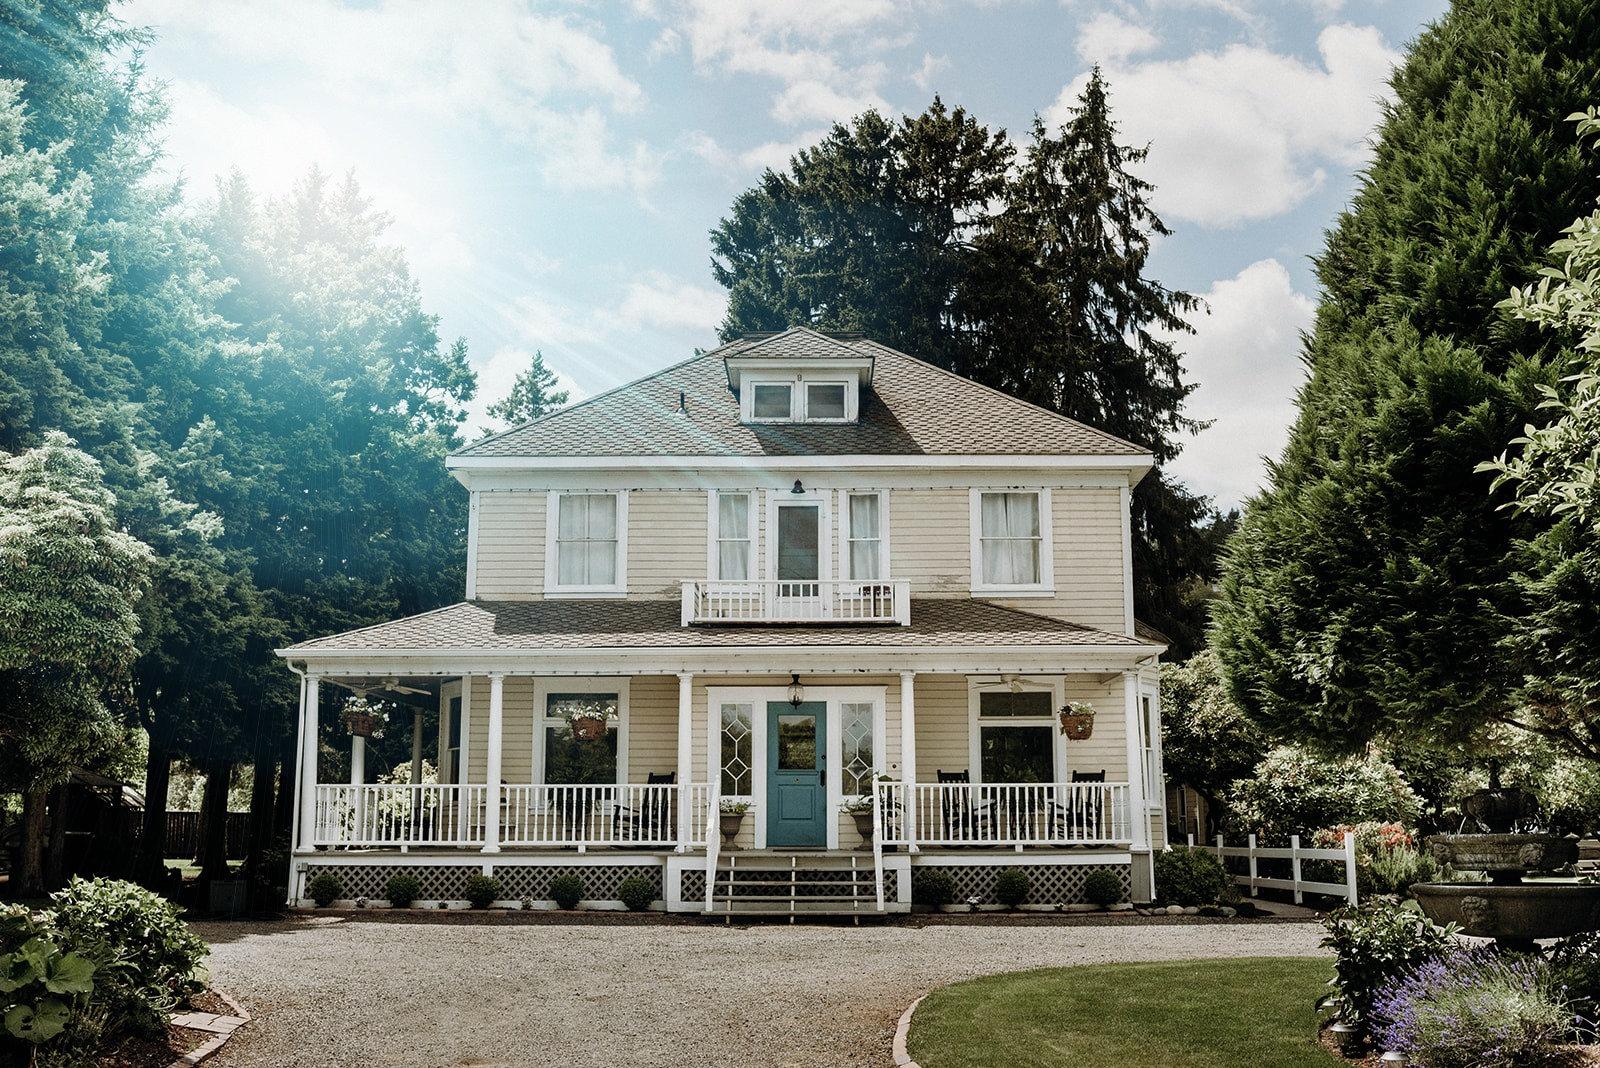 The Historic Farmhouse 14